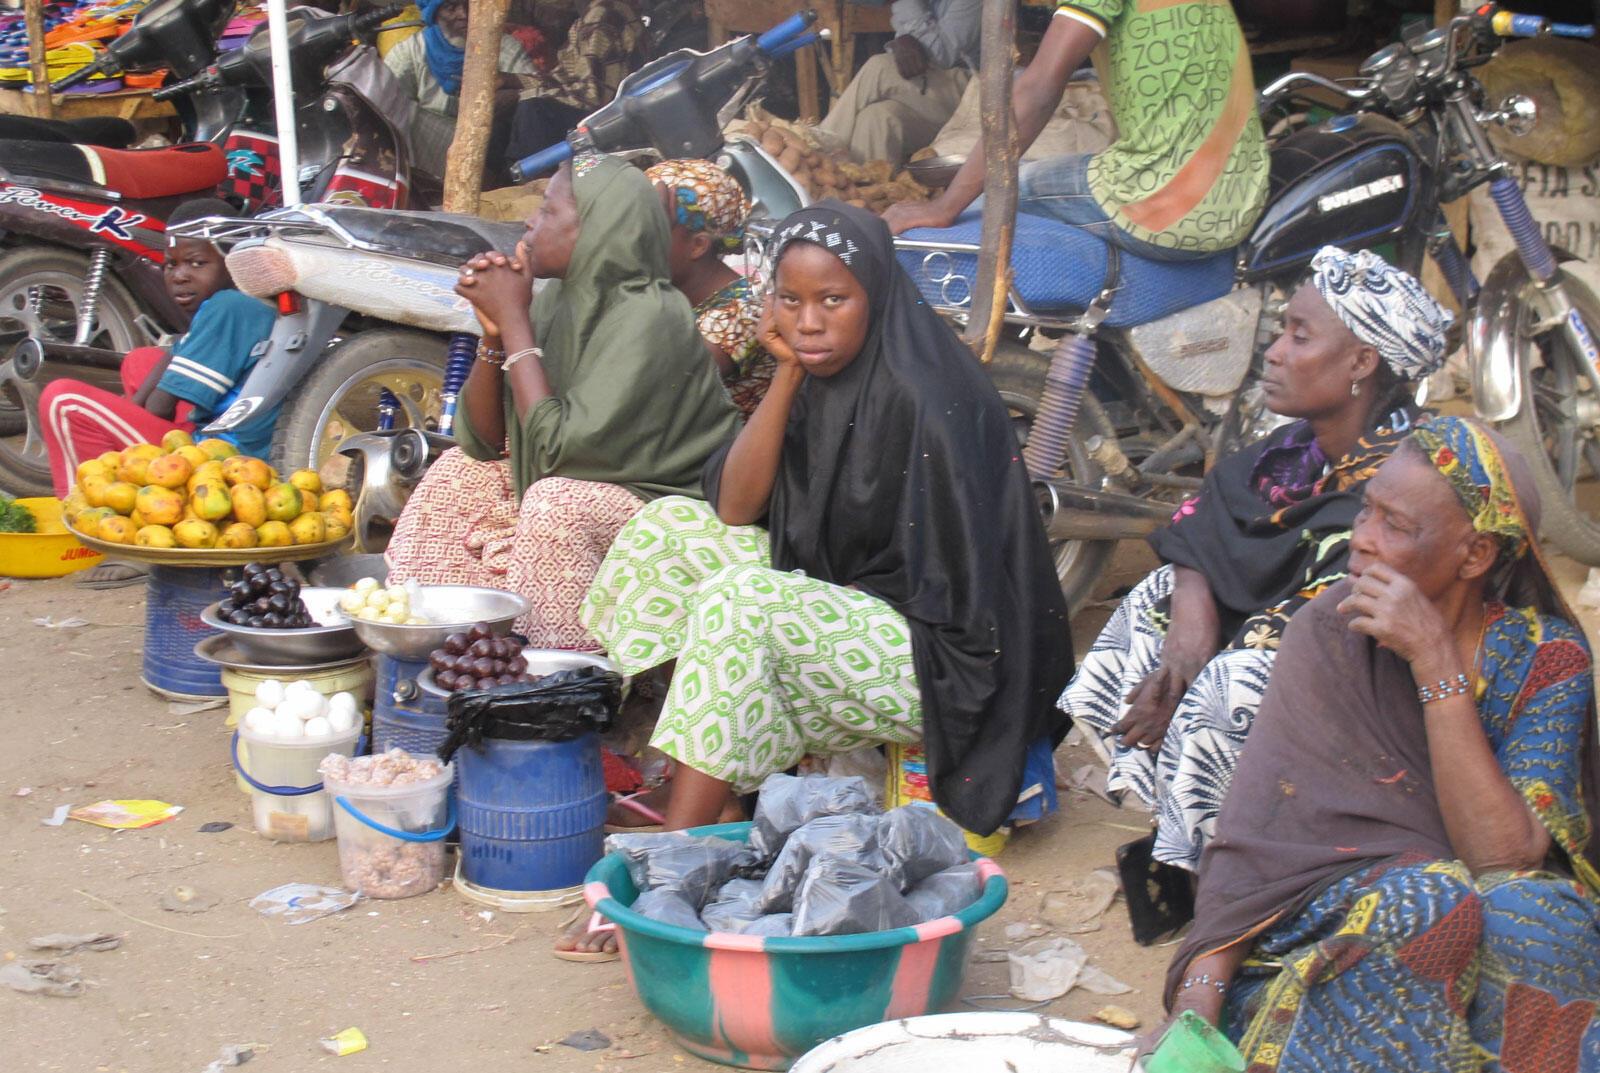 Sur le marché de Gao, on attend que les affaires reprennent.